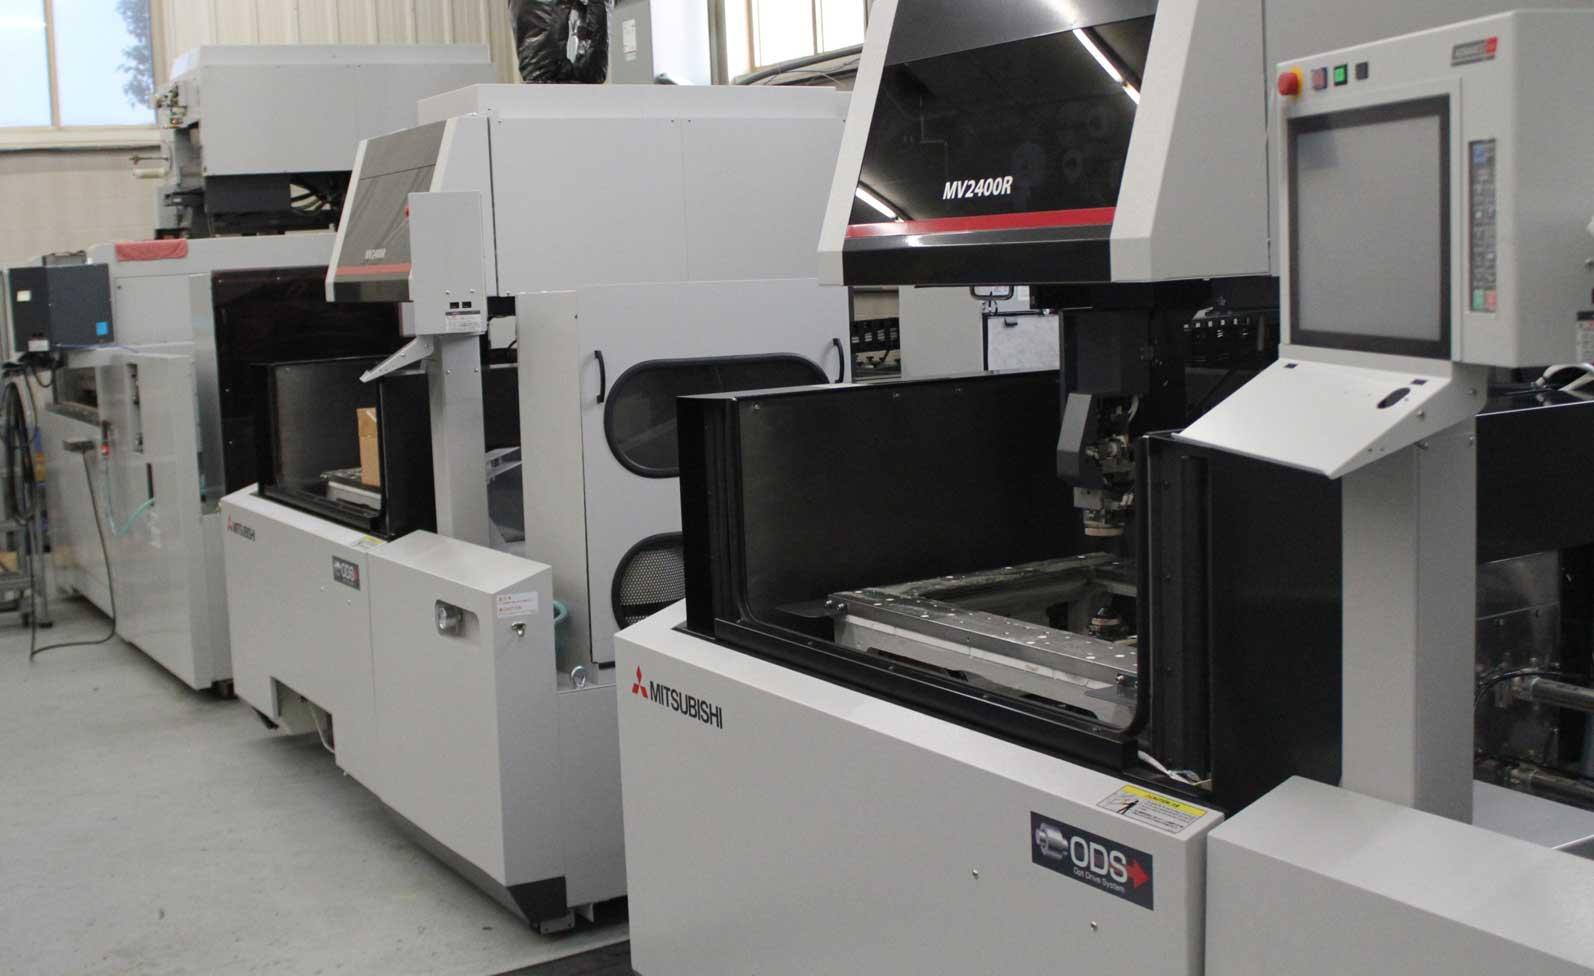 Vendka purchase metal fabrication machinery equipment, cnc lathe